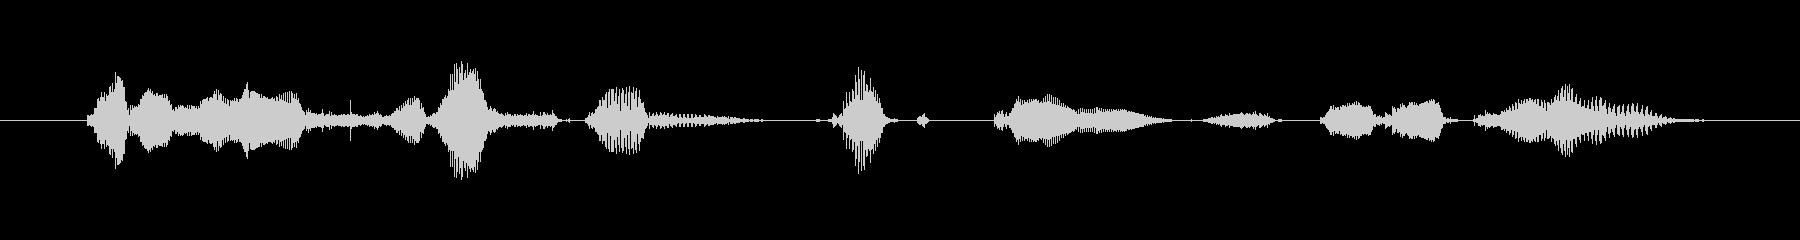 鳴き声 男性祈るラテン10の未再生の波形